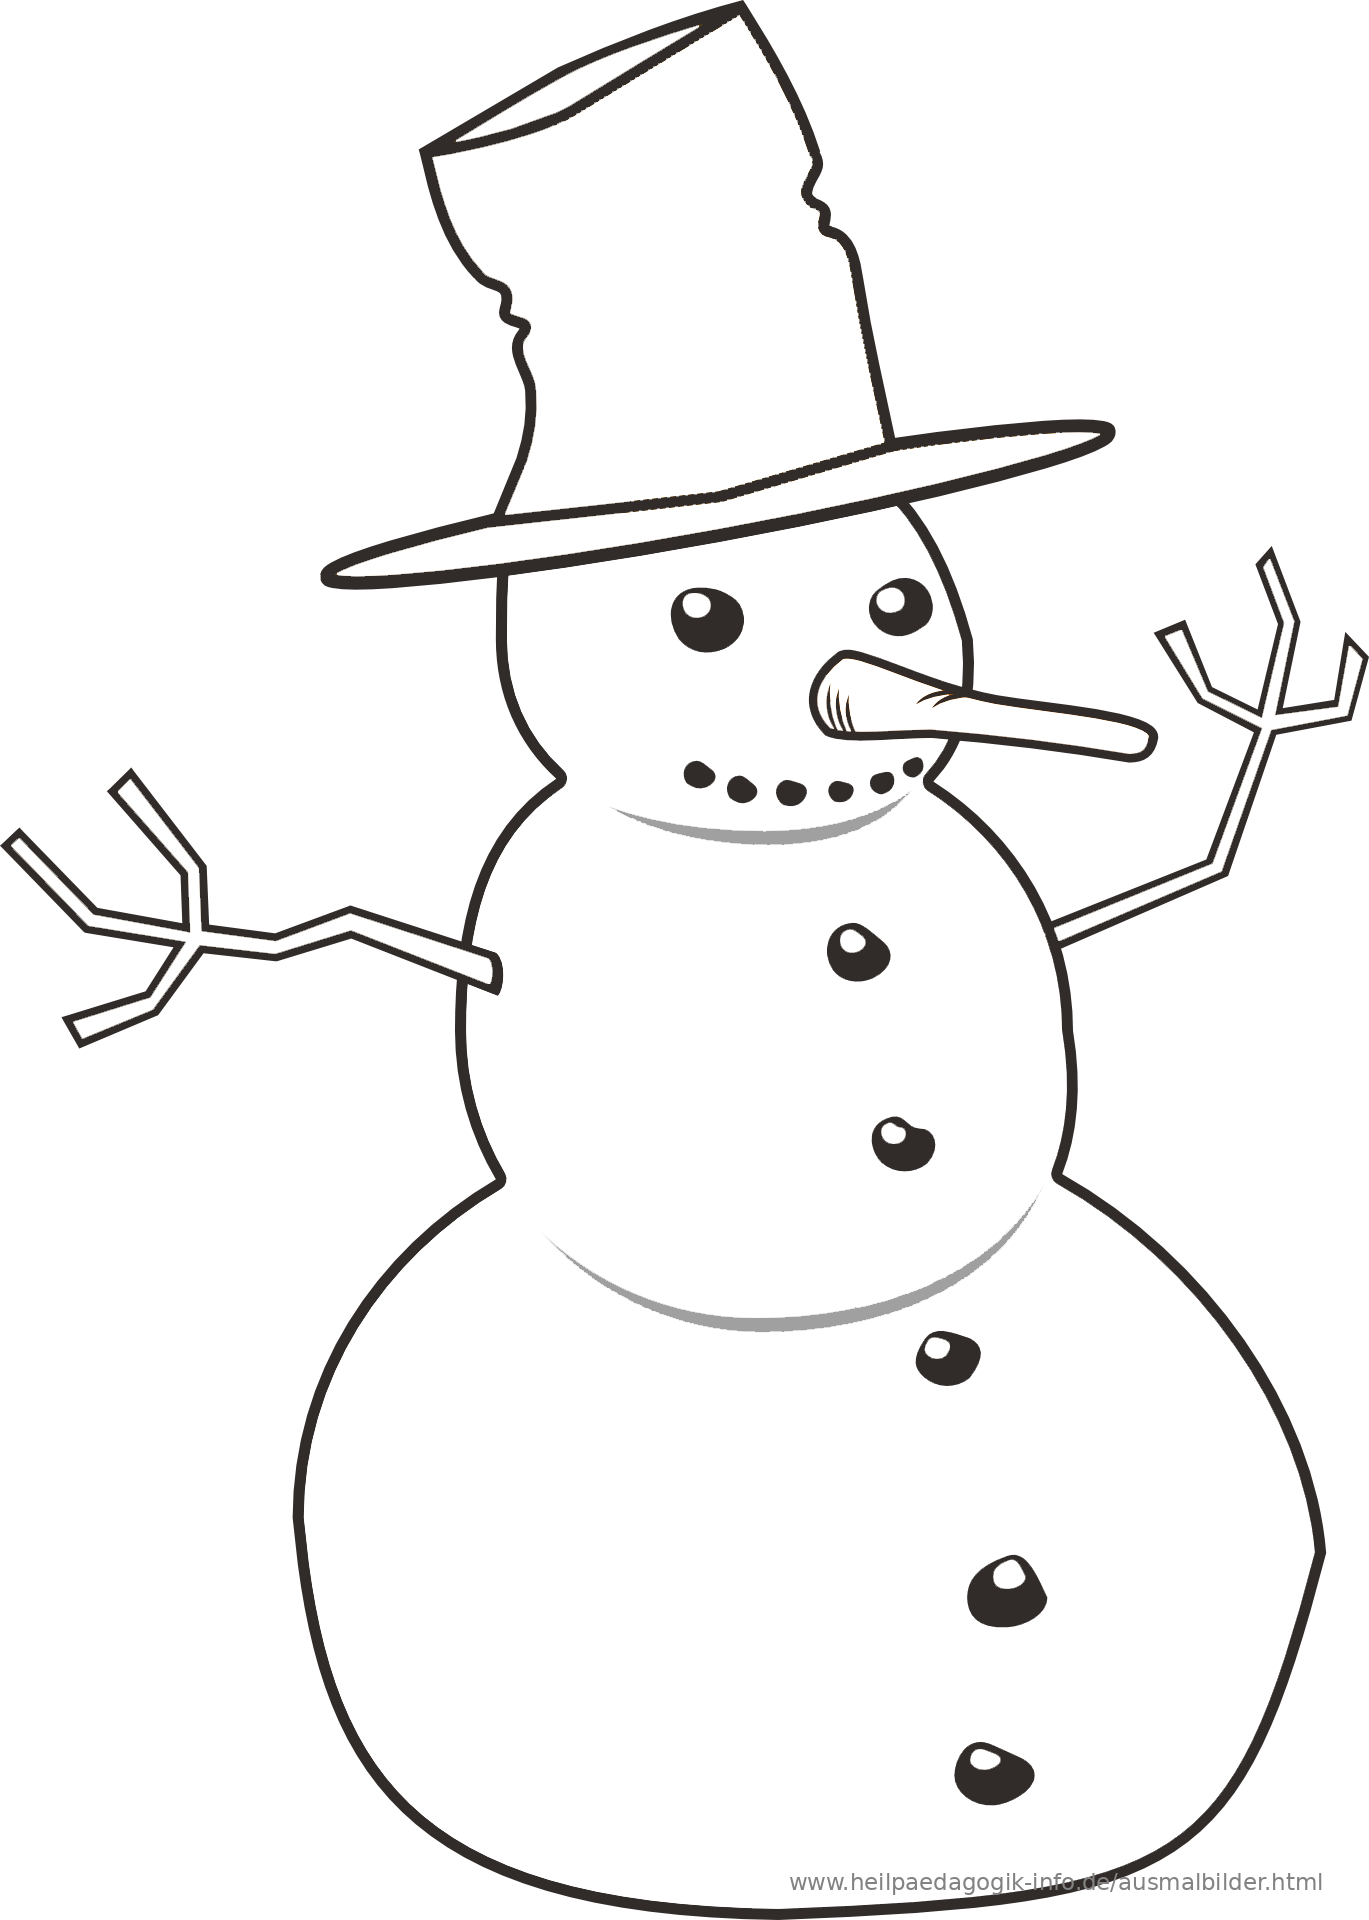 ausmalbilder haus mit schnee - 28 images - ausmalbilder